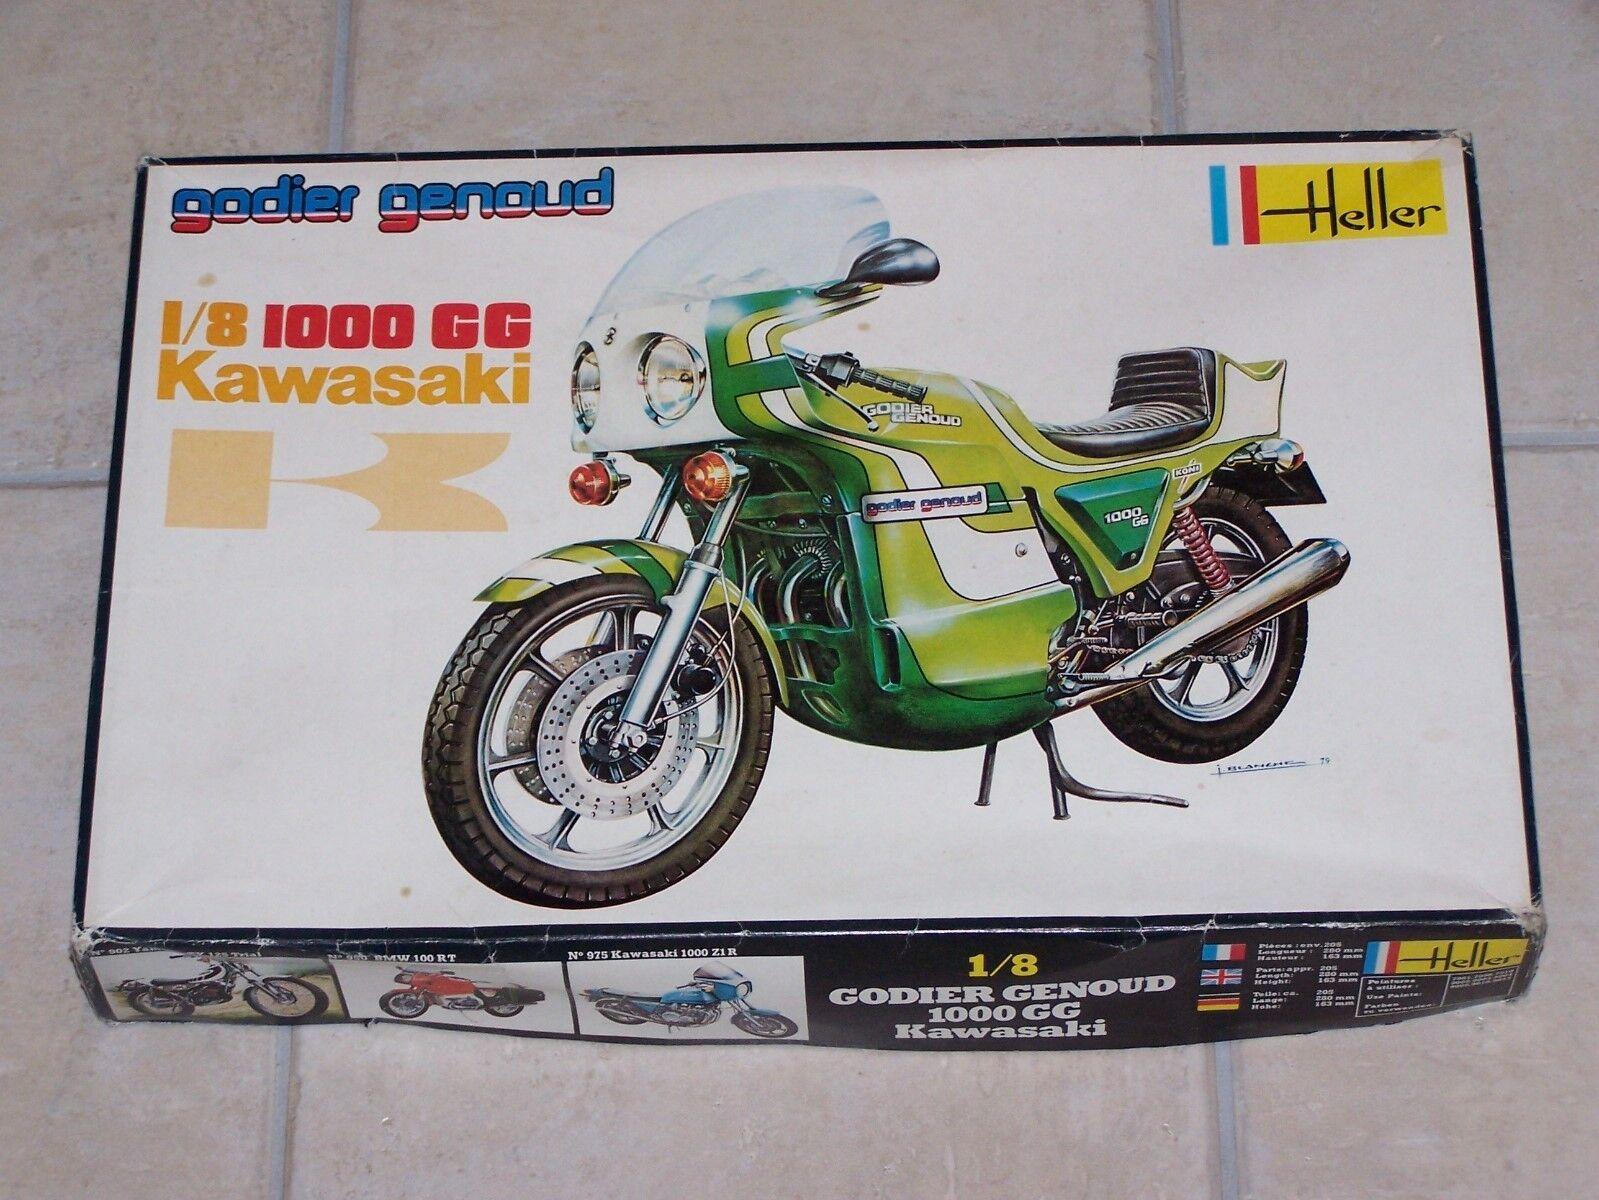 Vintage Maquette HELLER 1 8ème KAWASAKI 1000 GG GODIER GENOUD